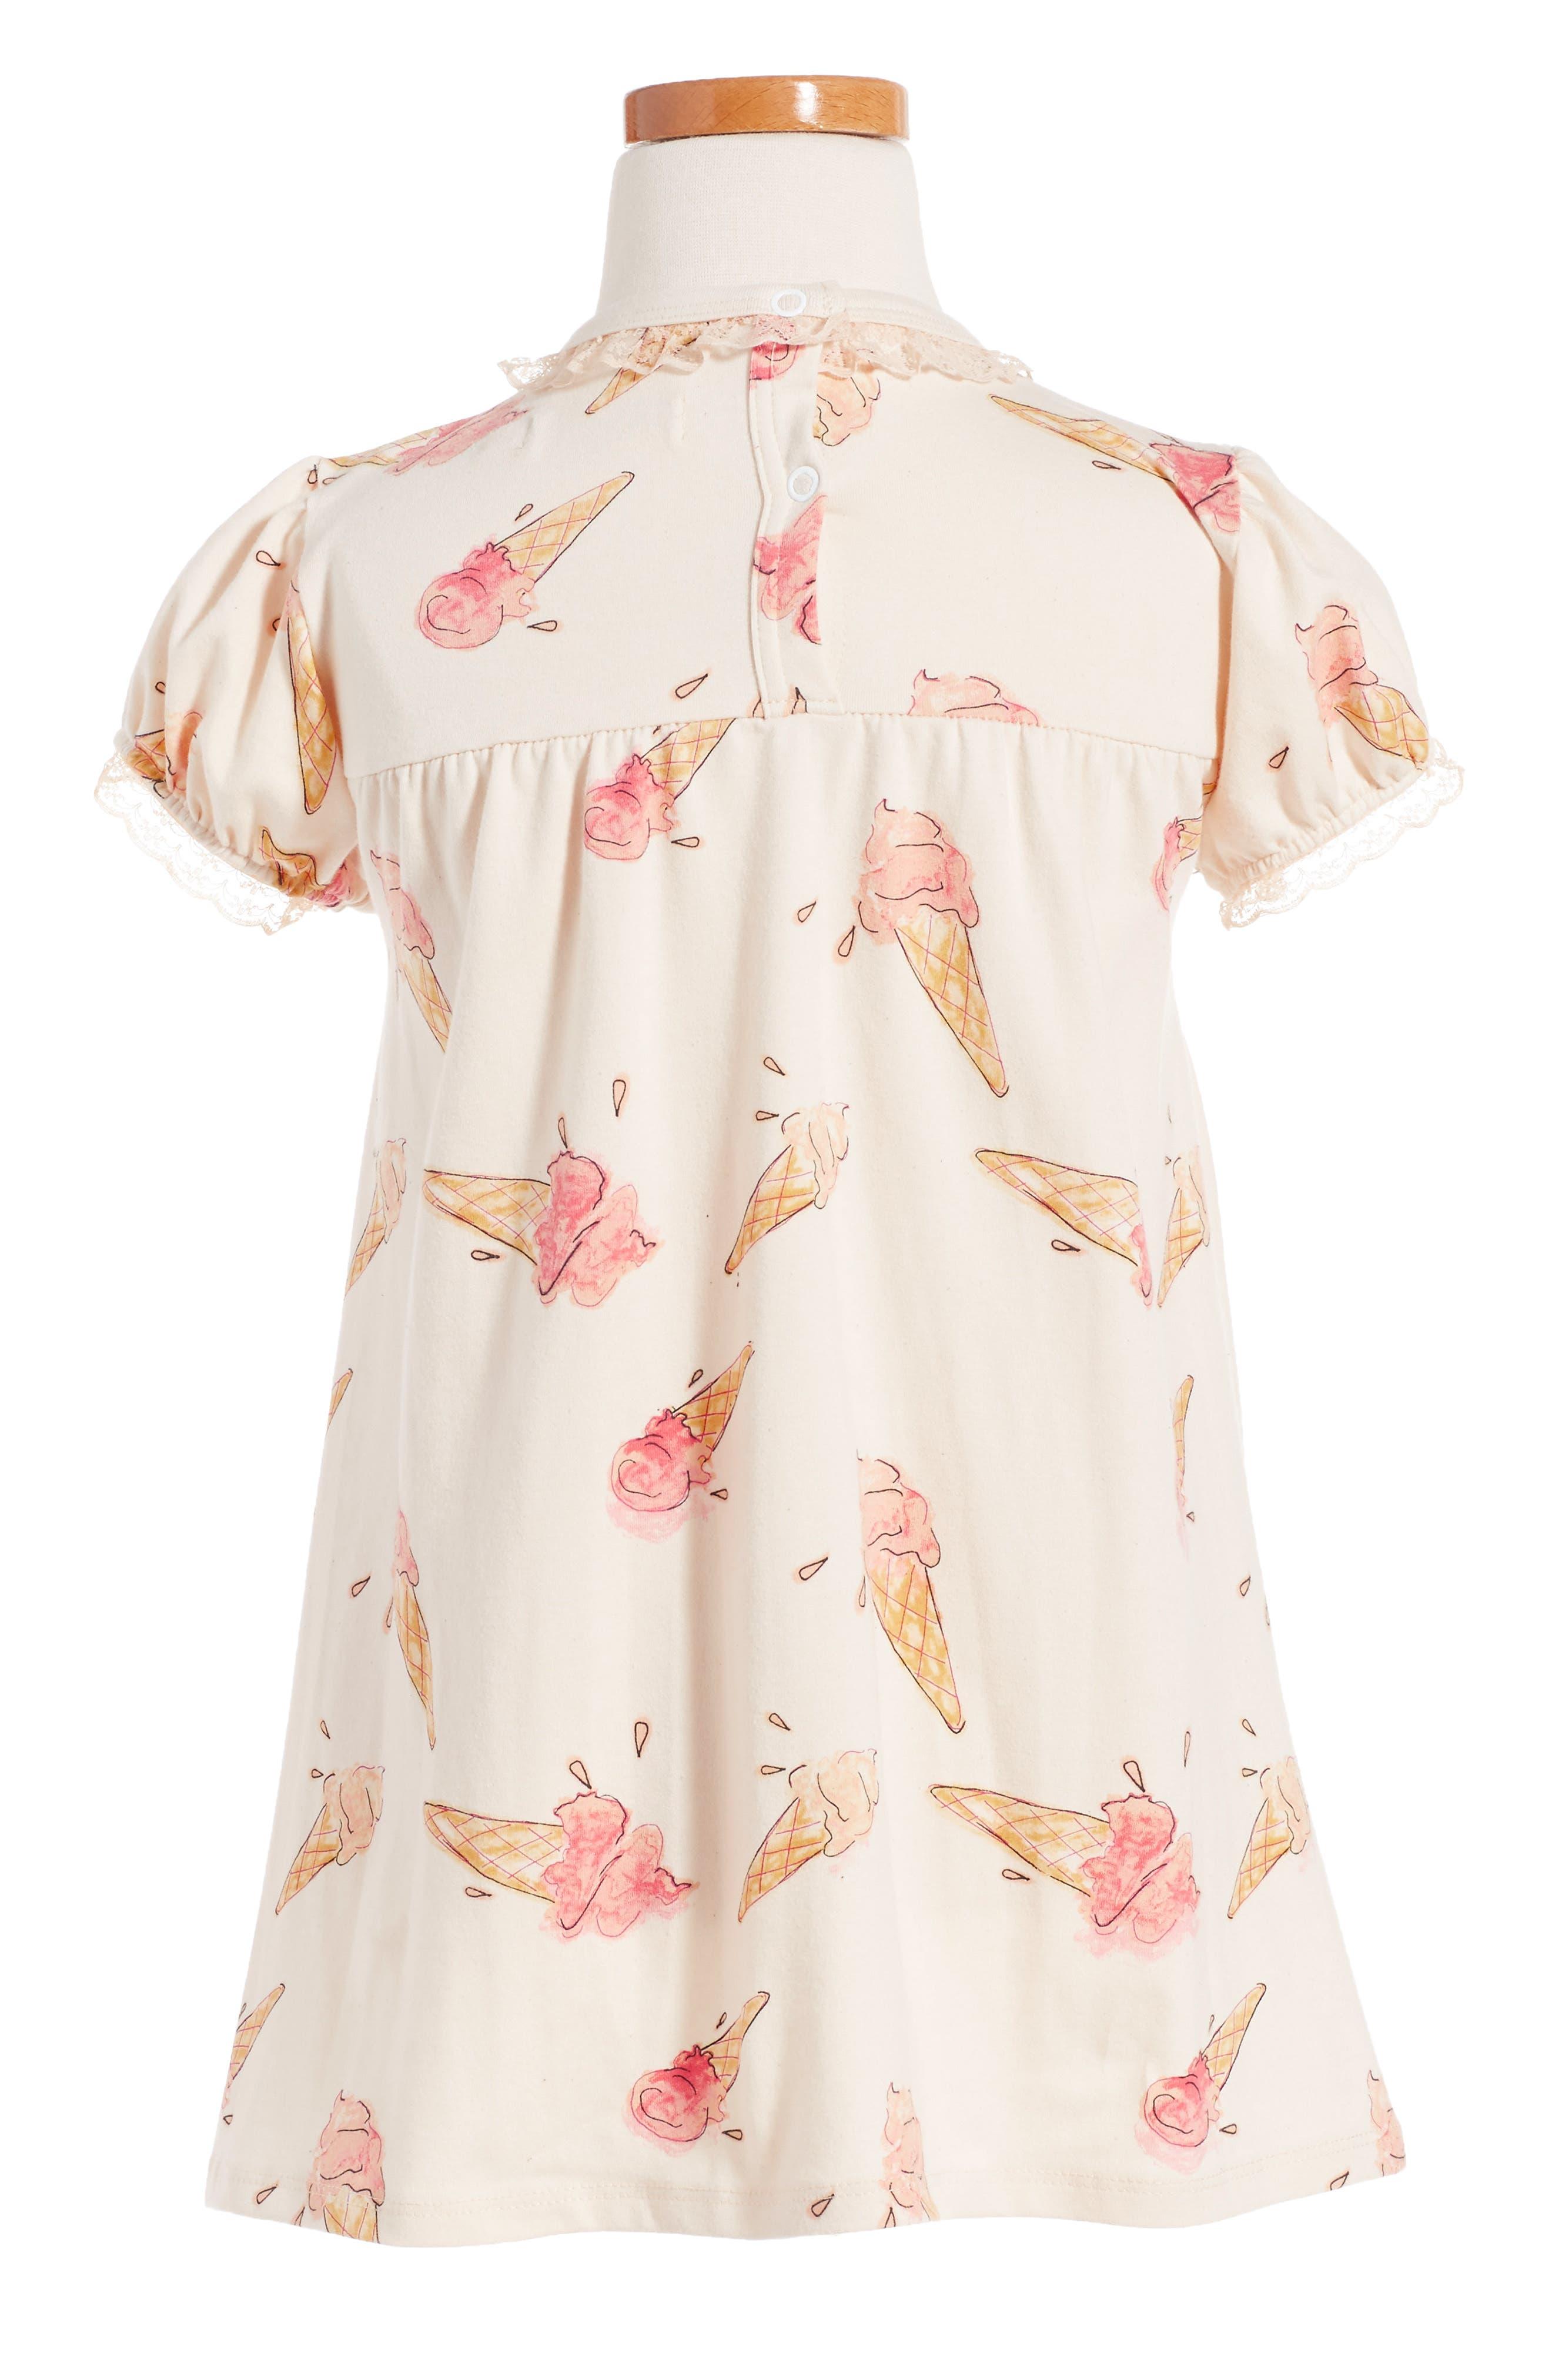 Alternate Image 2  - For Love & Lemons Ice Cream Print Dress (Toddler Girls & Little Girls)